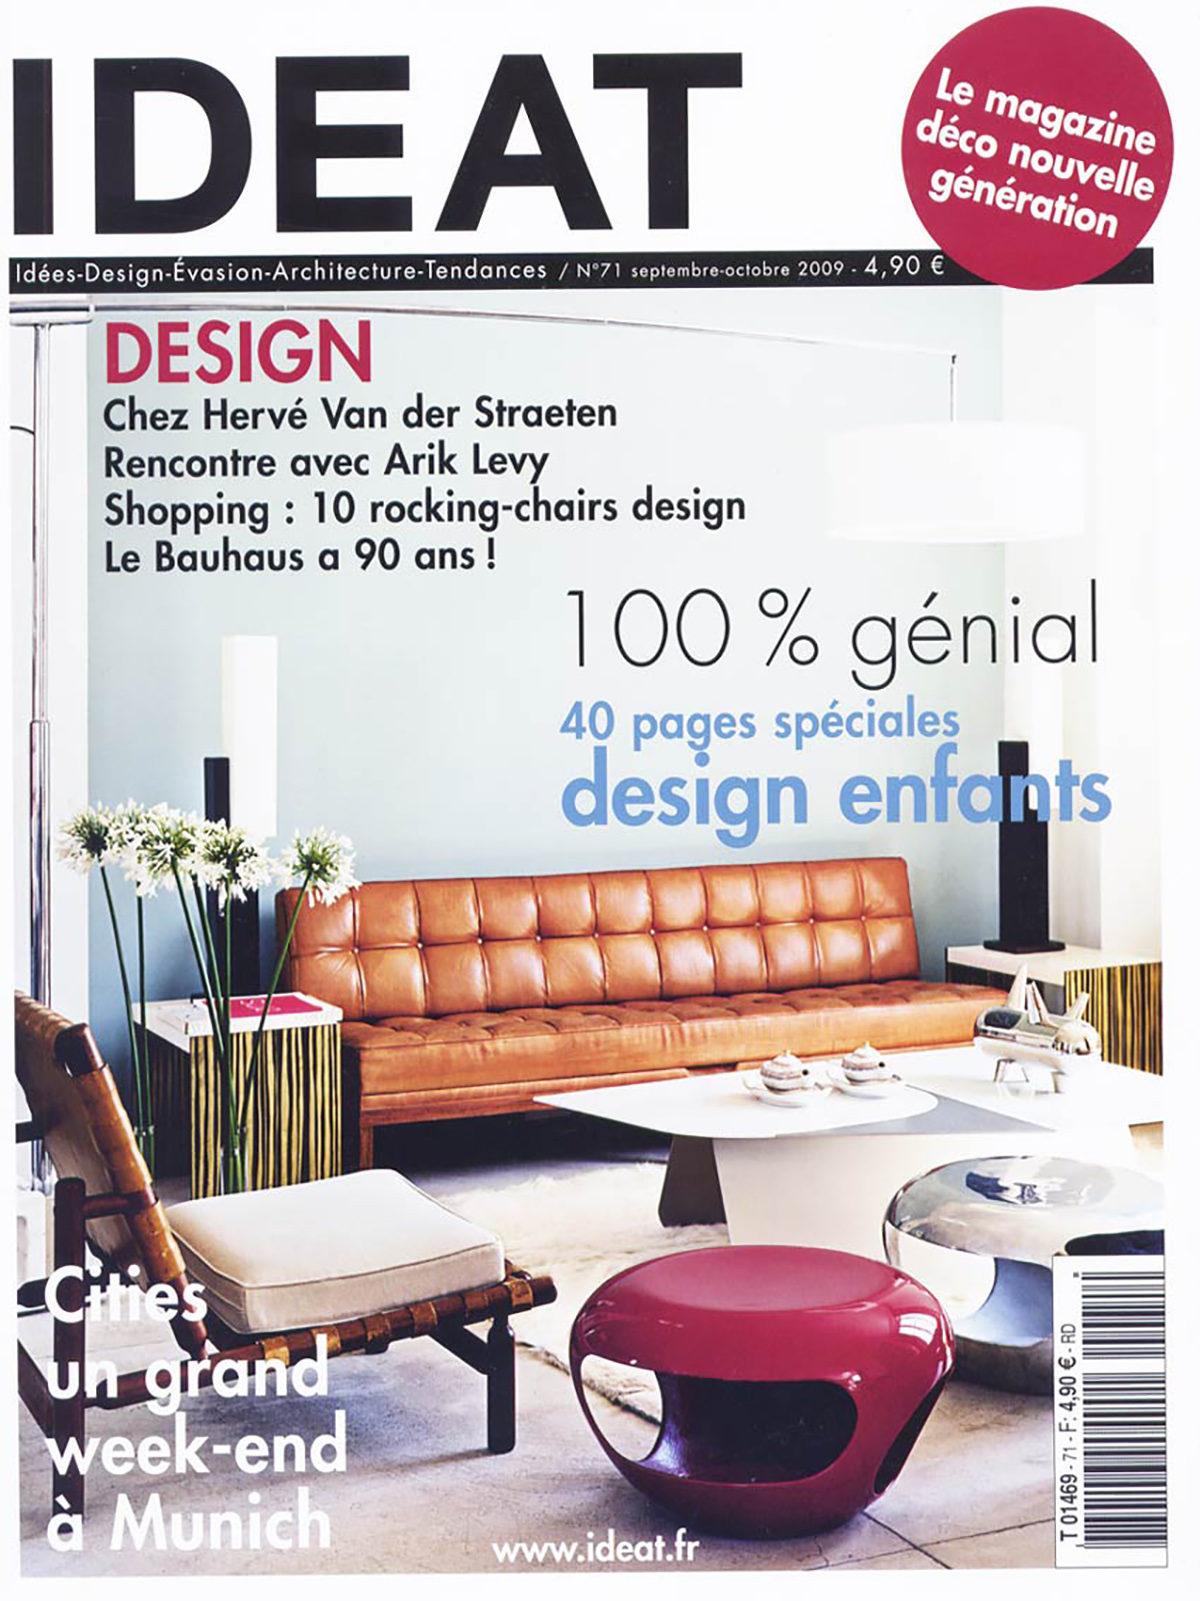 Parution presse IDEAT 2009 Claude Cartier décoration architecte d'intérieur à Lyon.